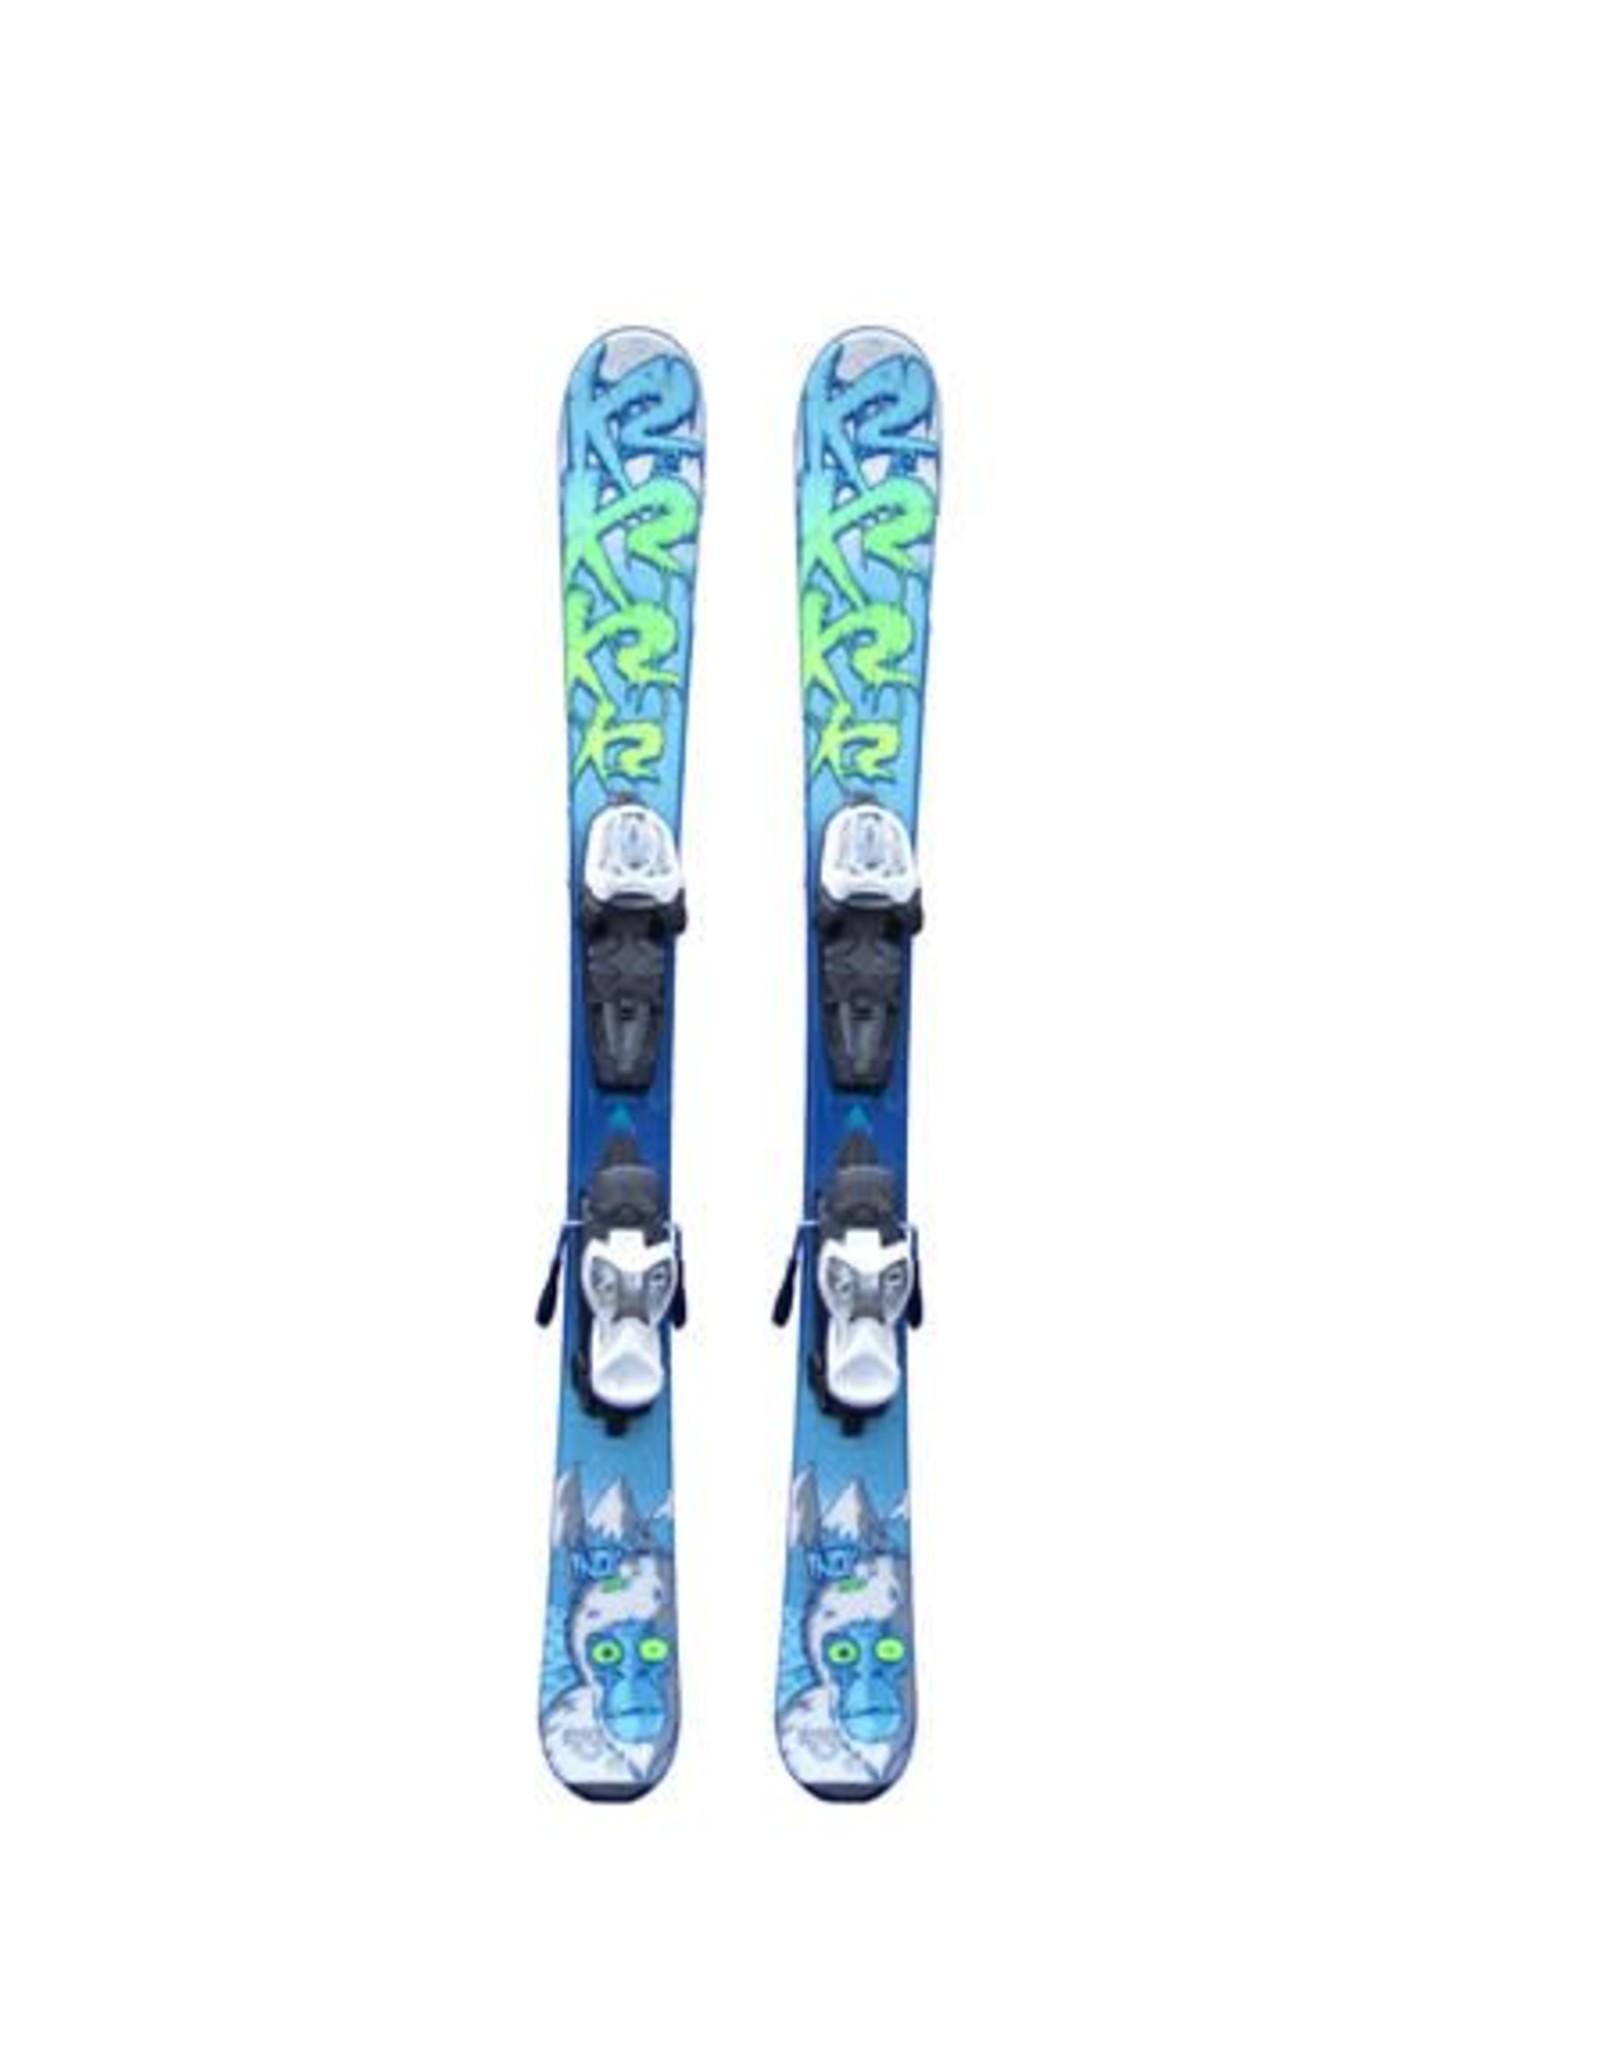 K2 K2 Indy Ski's Gebruikt Iceman